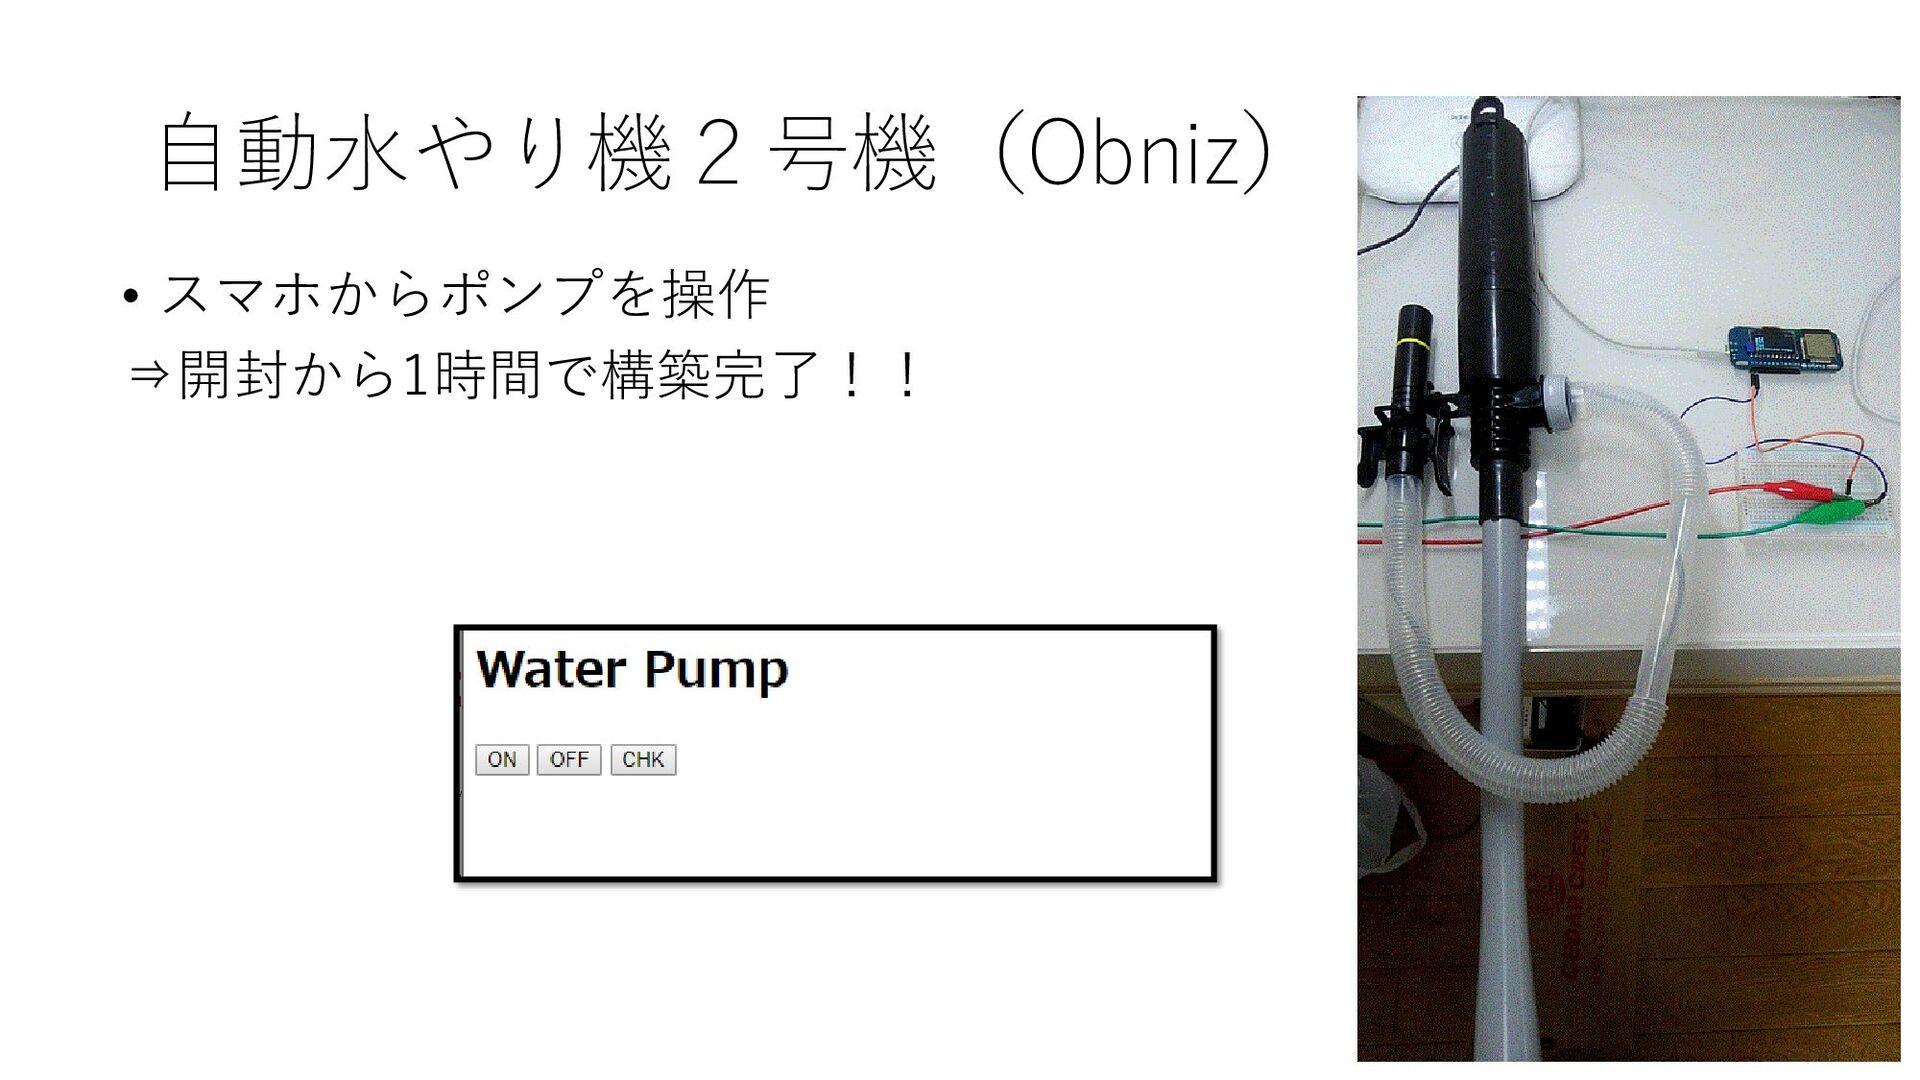 自動水やり機2号機(Obniz) • IoTLTでObniz (期待の新人!)を知る ⇒帰りの...